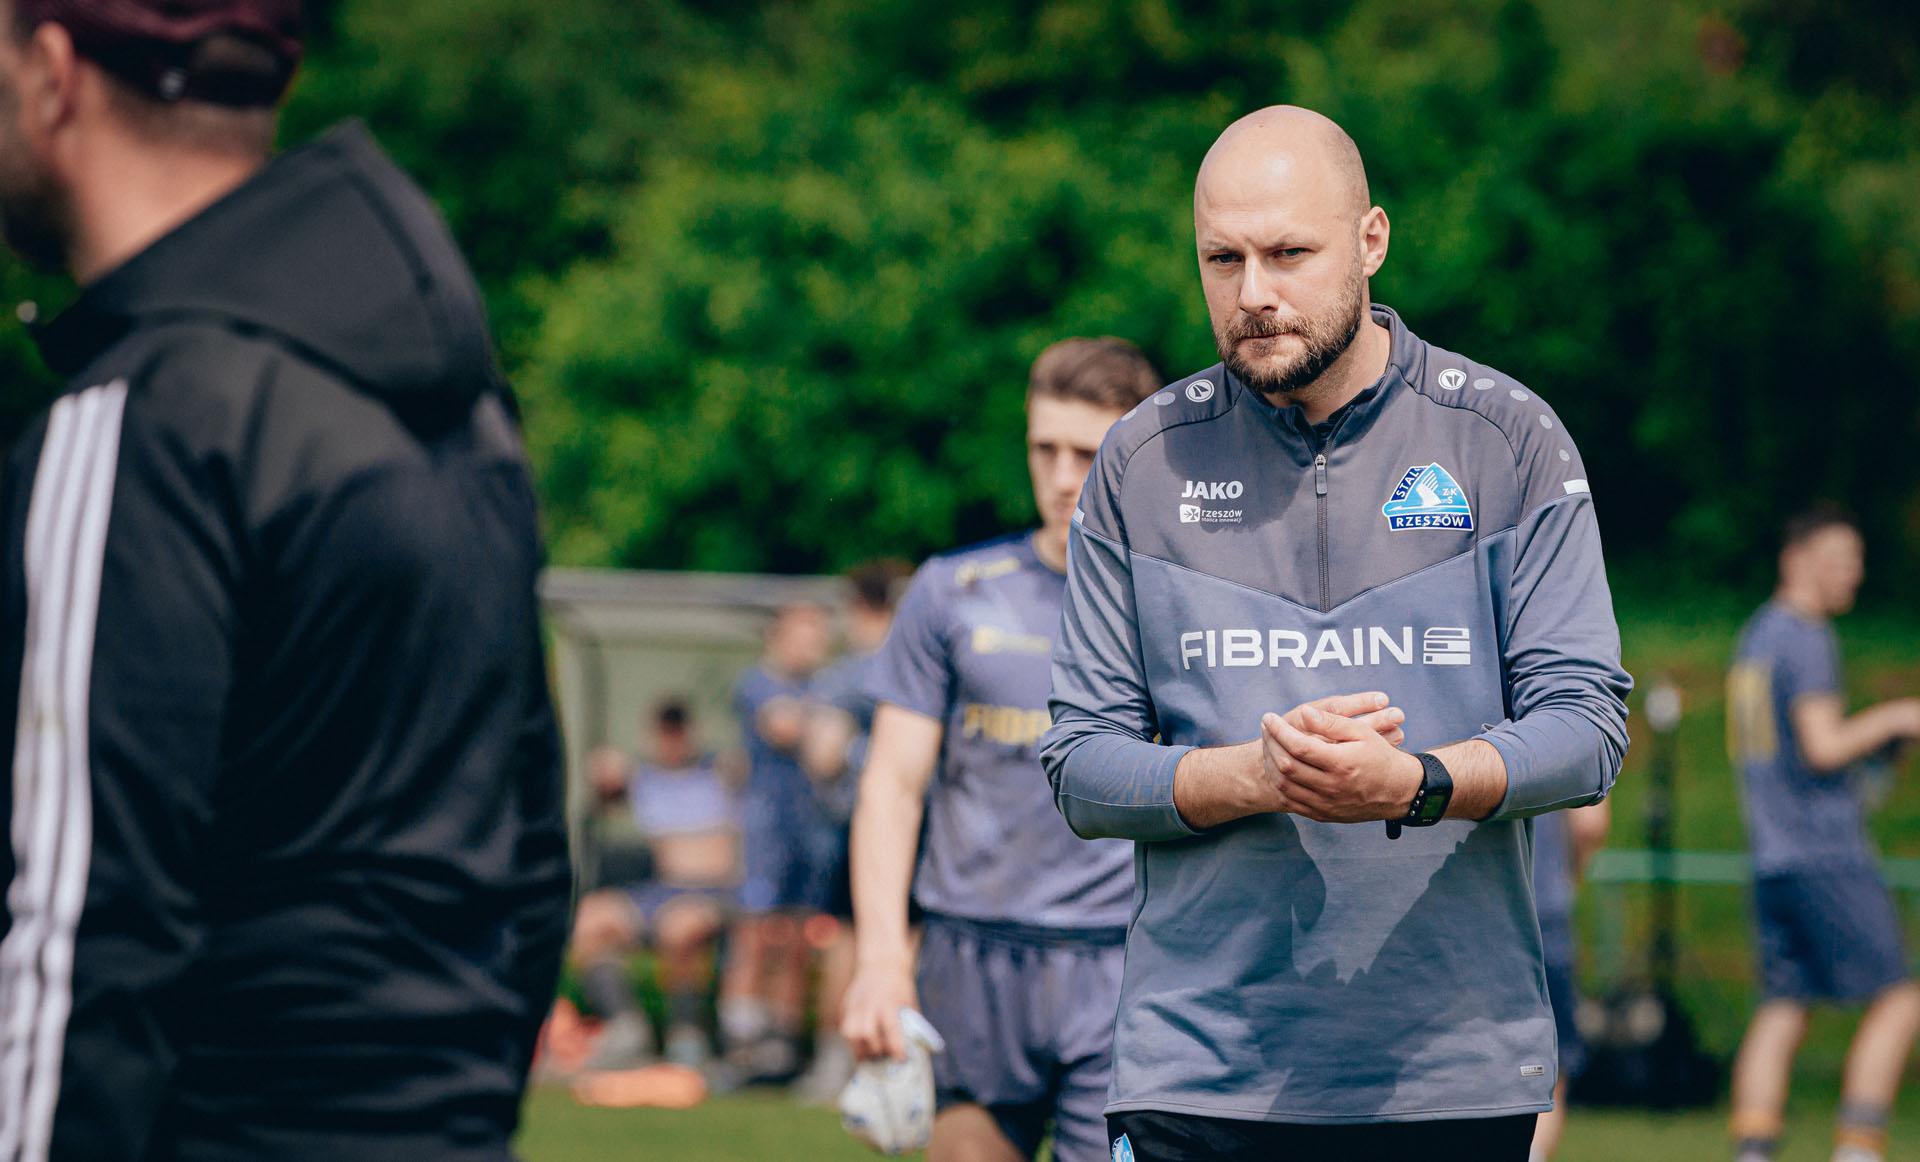 U19 Sandecja Nowy Sącz - Stal Rzeszów , 05-06-2021, fot. K.Krupa